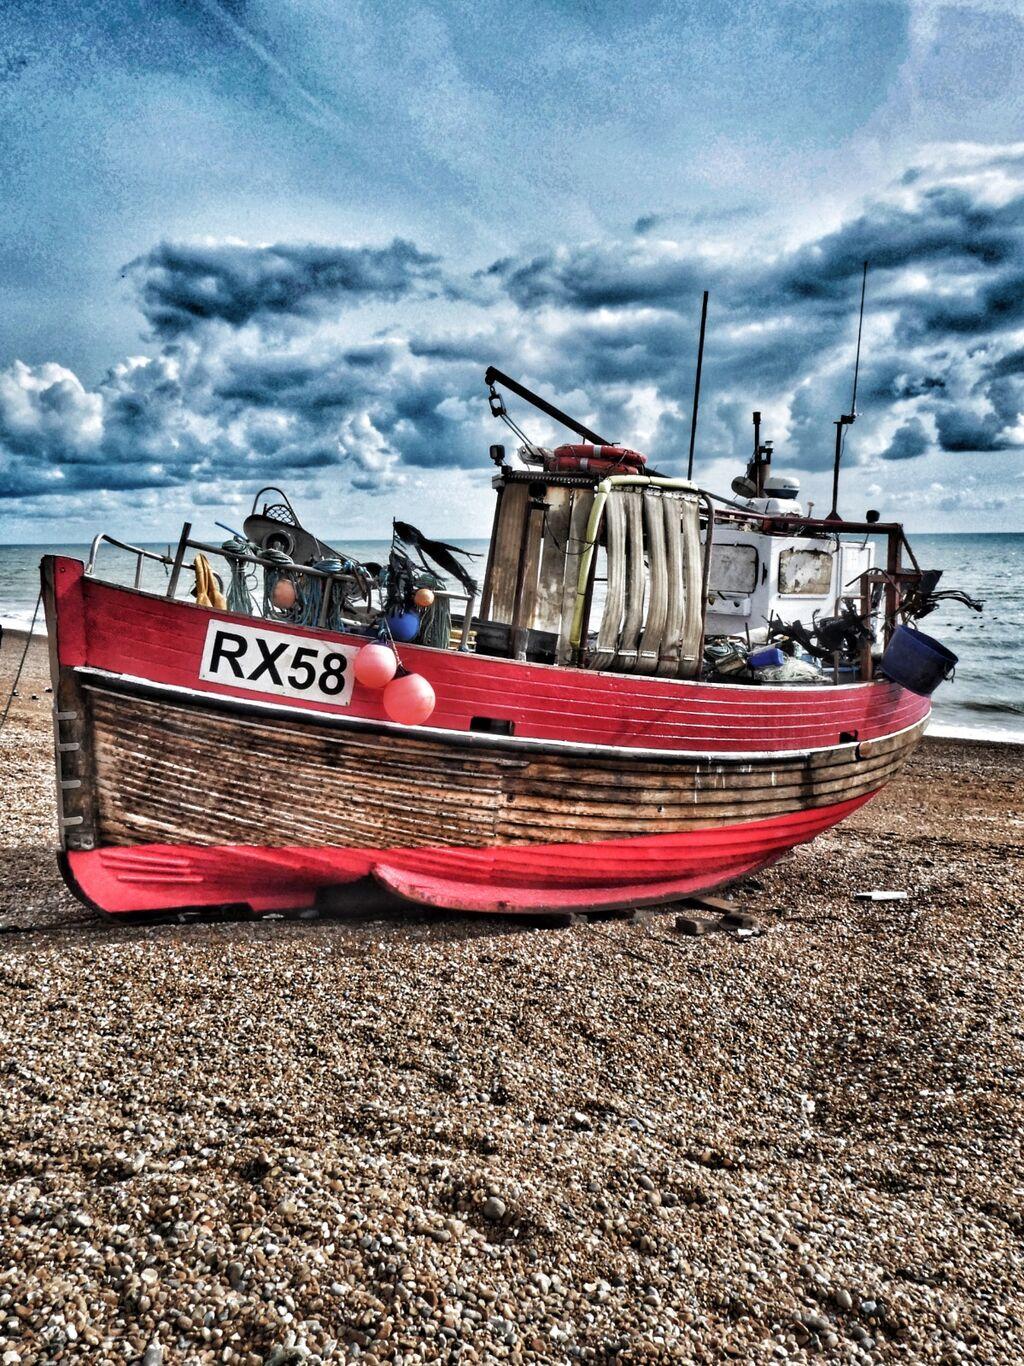 RX58 at Hastings,Snapseed Edit